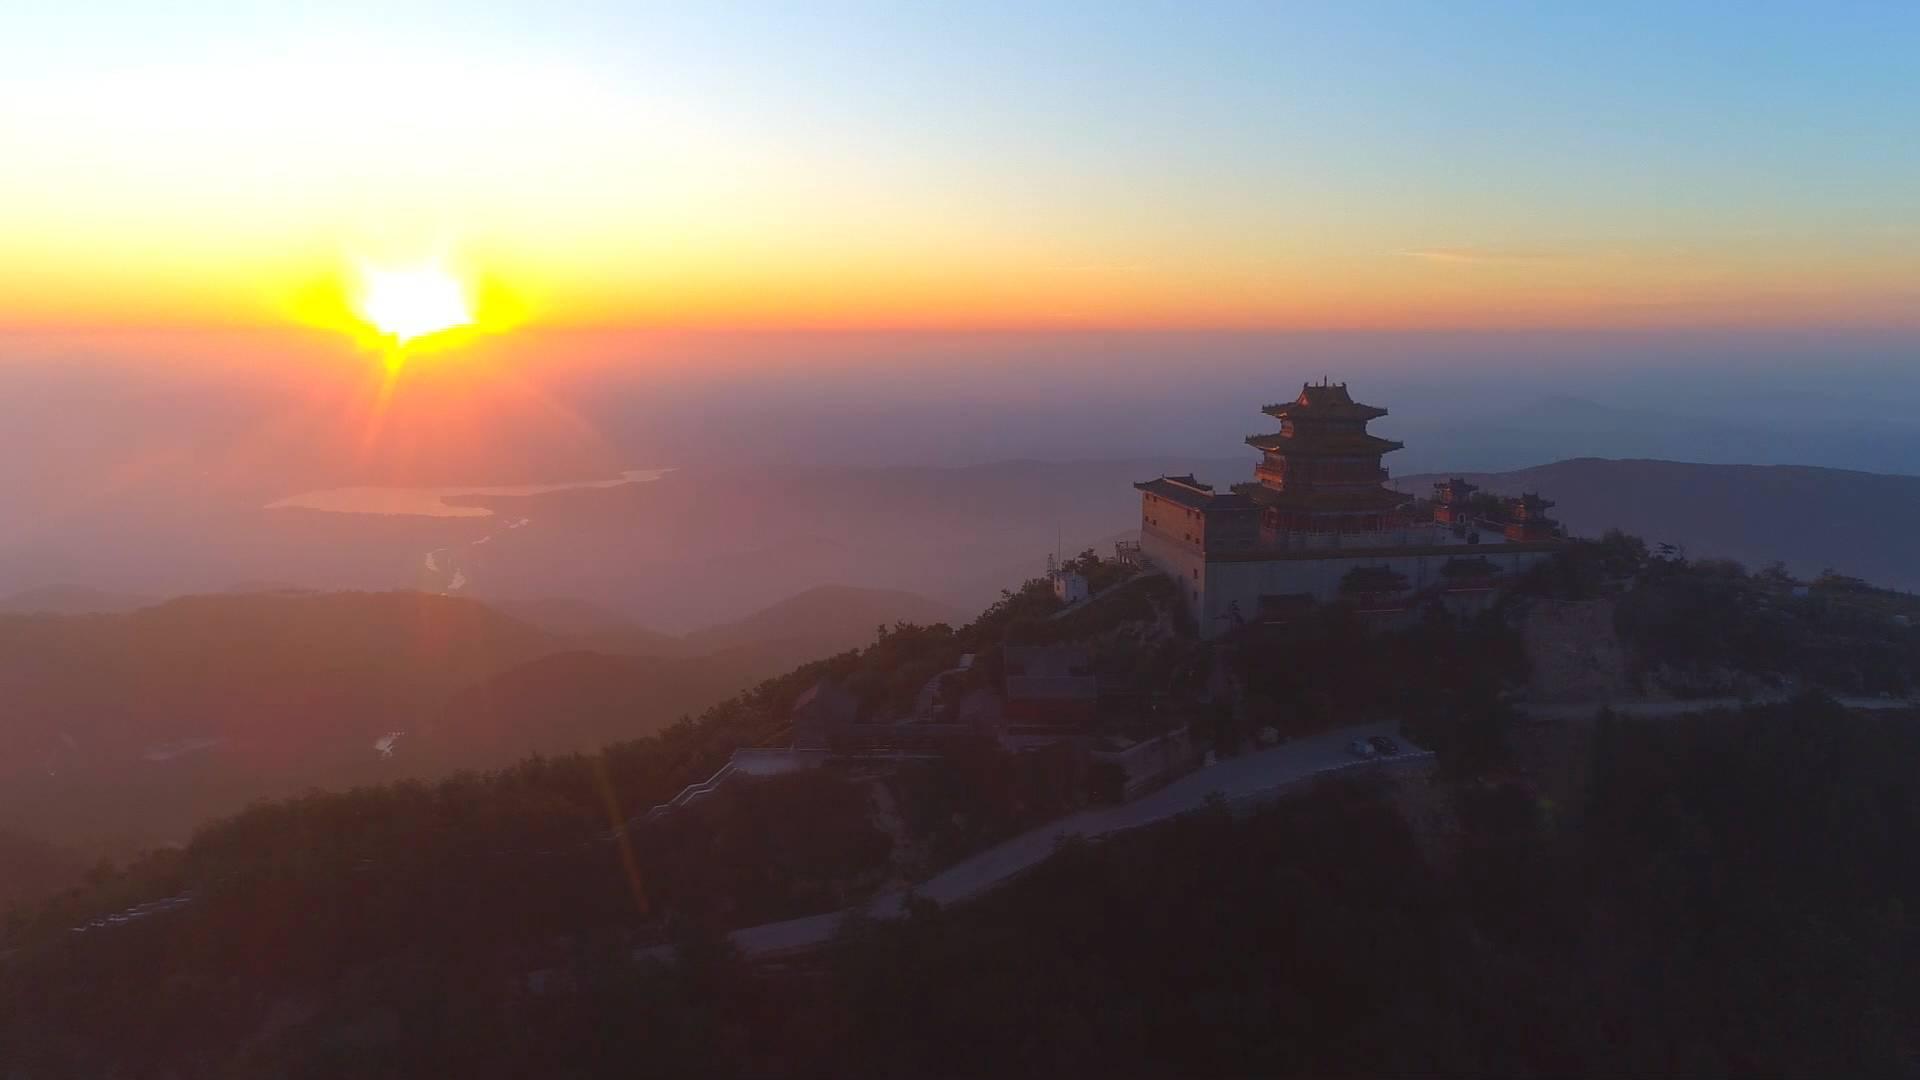 视频丨风光秀丽 底蕴深厚 登沂山感受自然之美